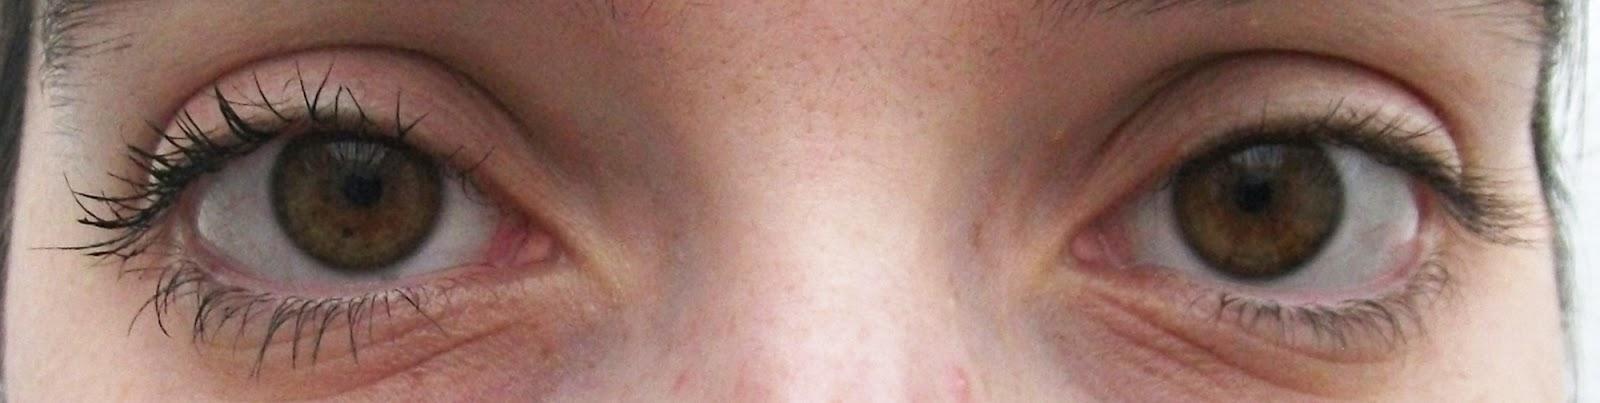 Máscara para cílios, The False Lashes, Essence - Resultado